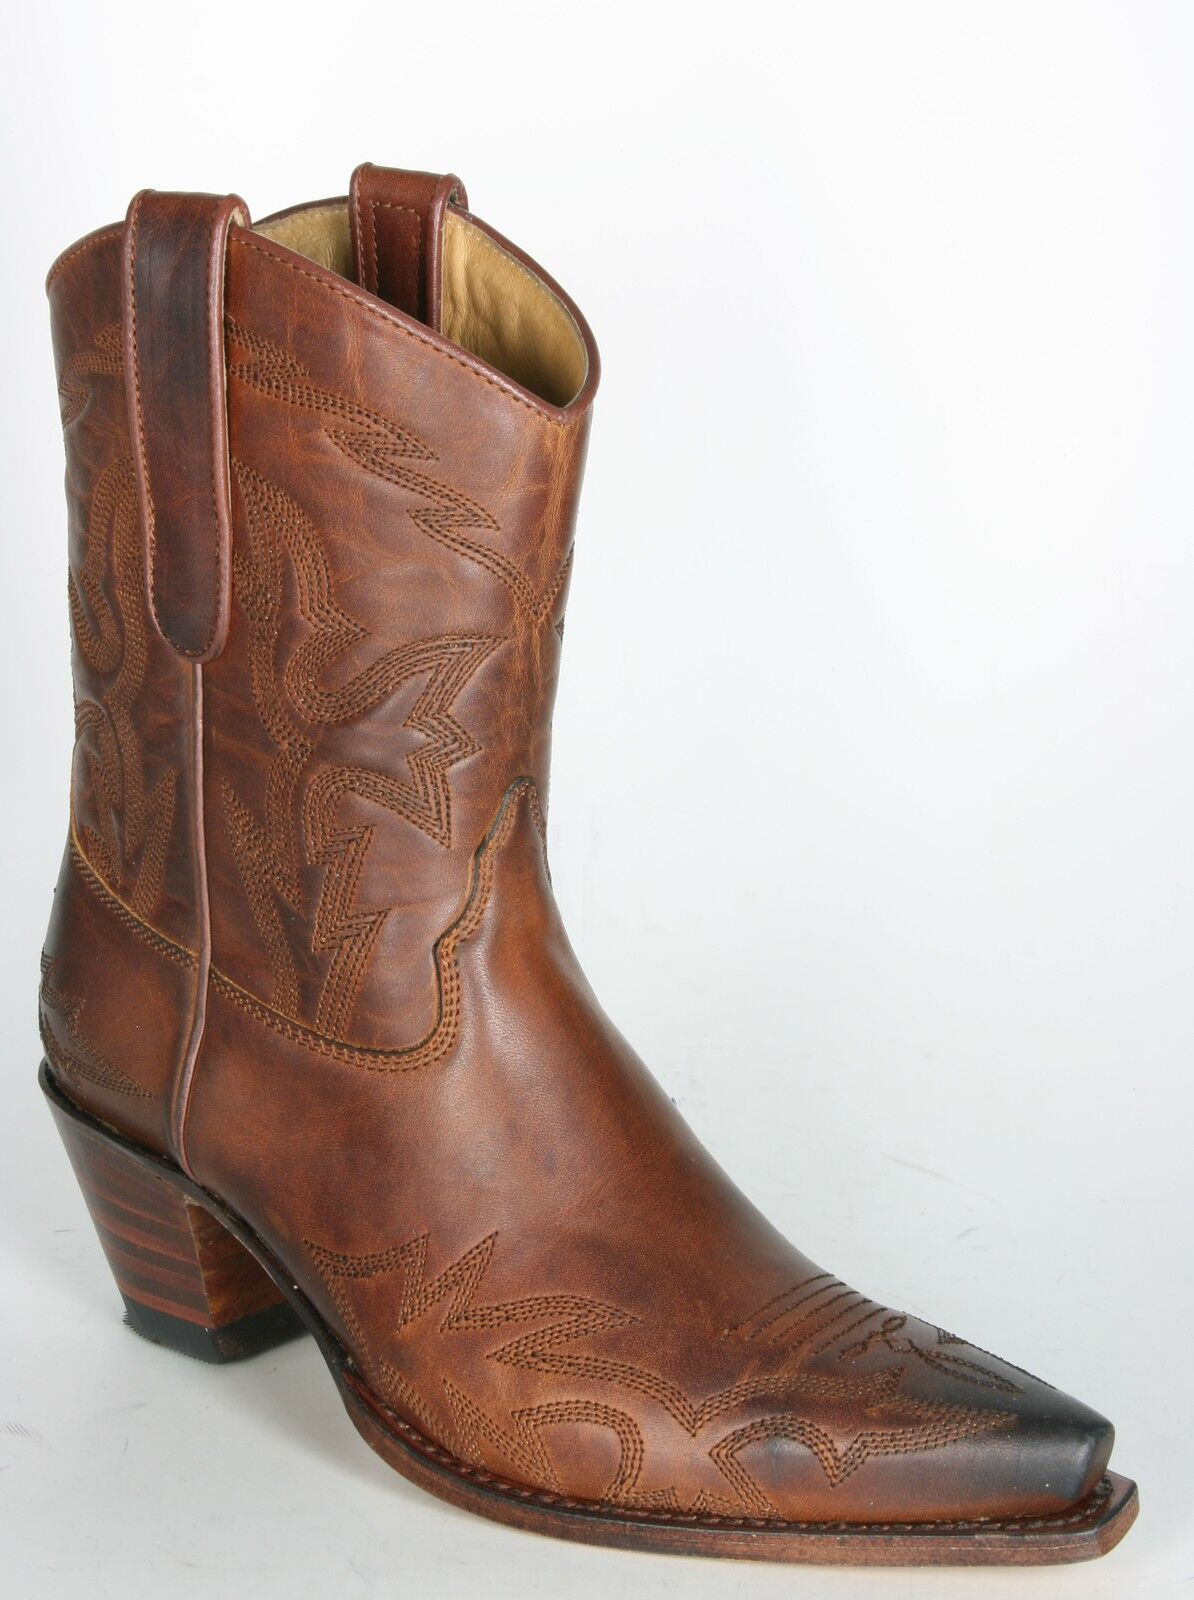 con il prezzo economico per ottenere la migliore marca 5300 Sendra Sendra Sendra cowboy Stivali Judy brevemente gambale evolution tang  outlet